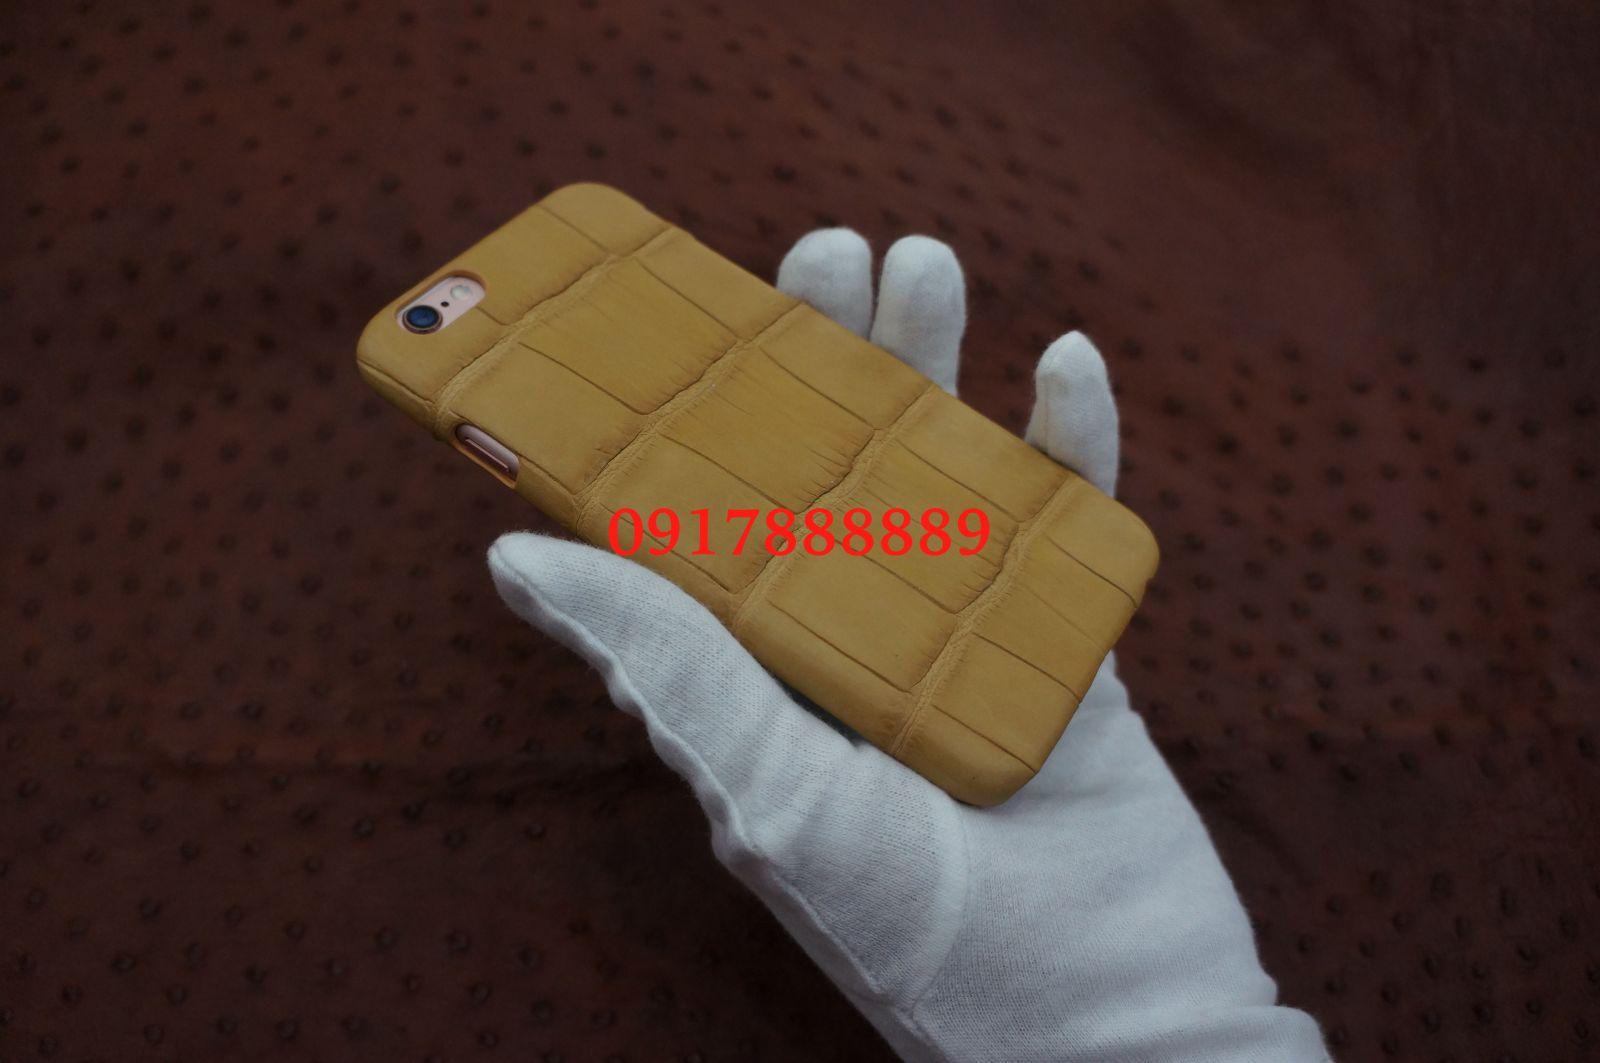 bao-da-iphone